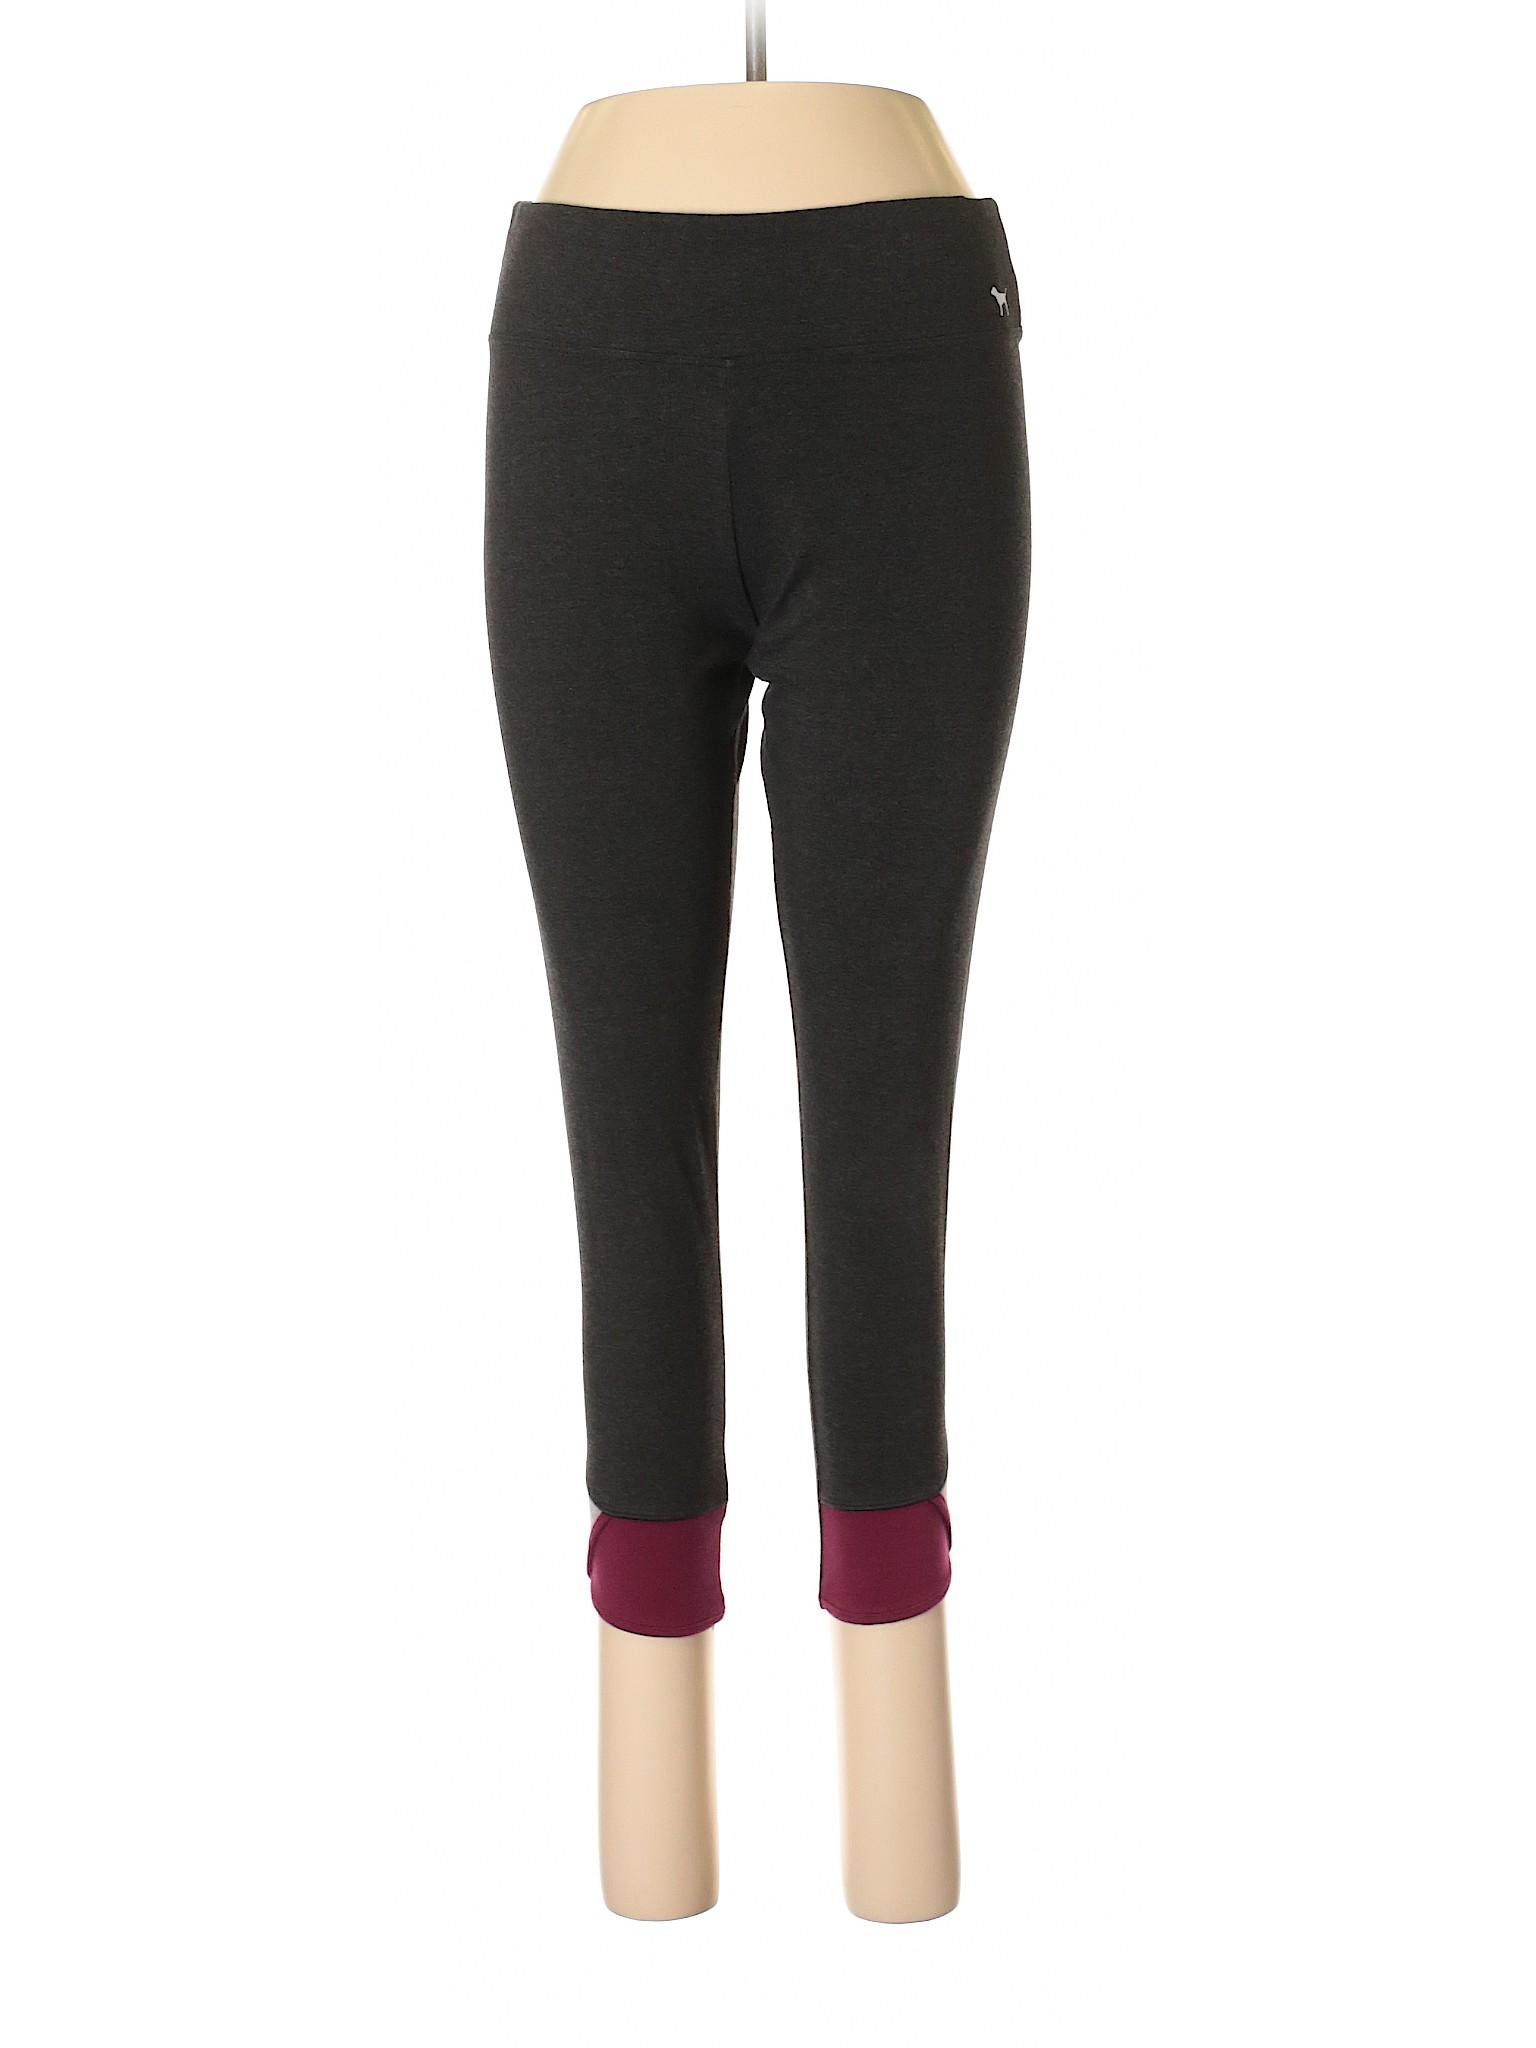 Victoria's Pants Pink Boutique Secret Active XIqPYd